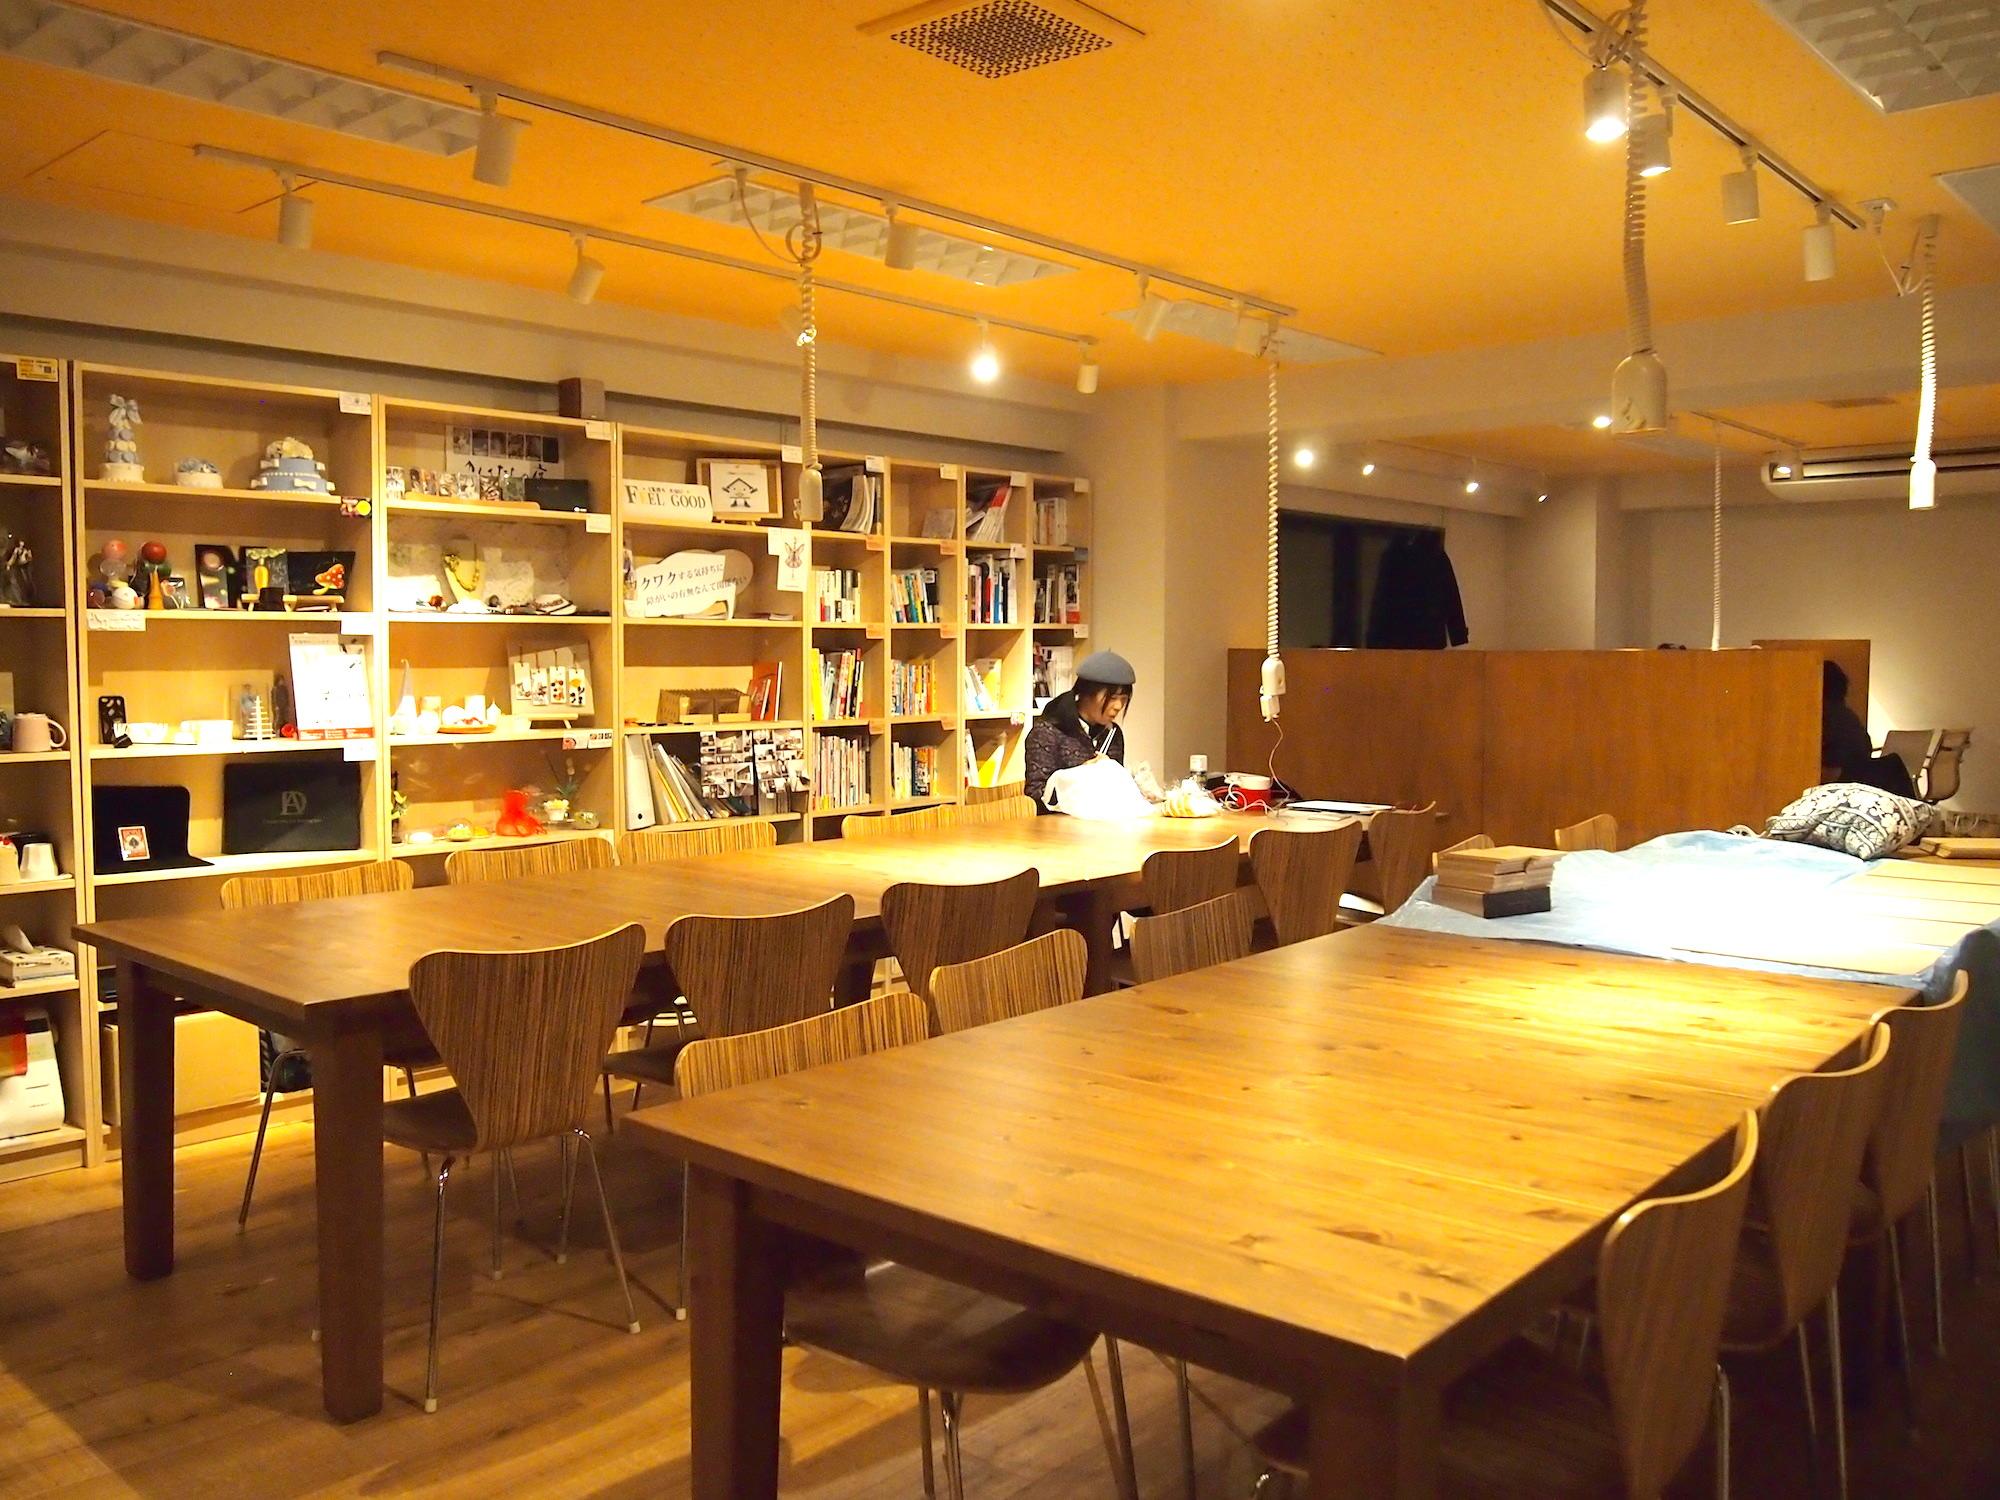 SHAREに行ってみた – 札幌ものづくりオフィス&カフェ